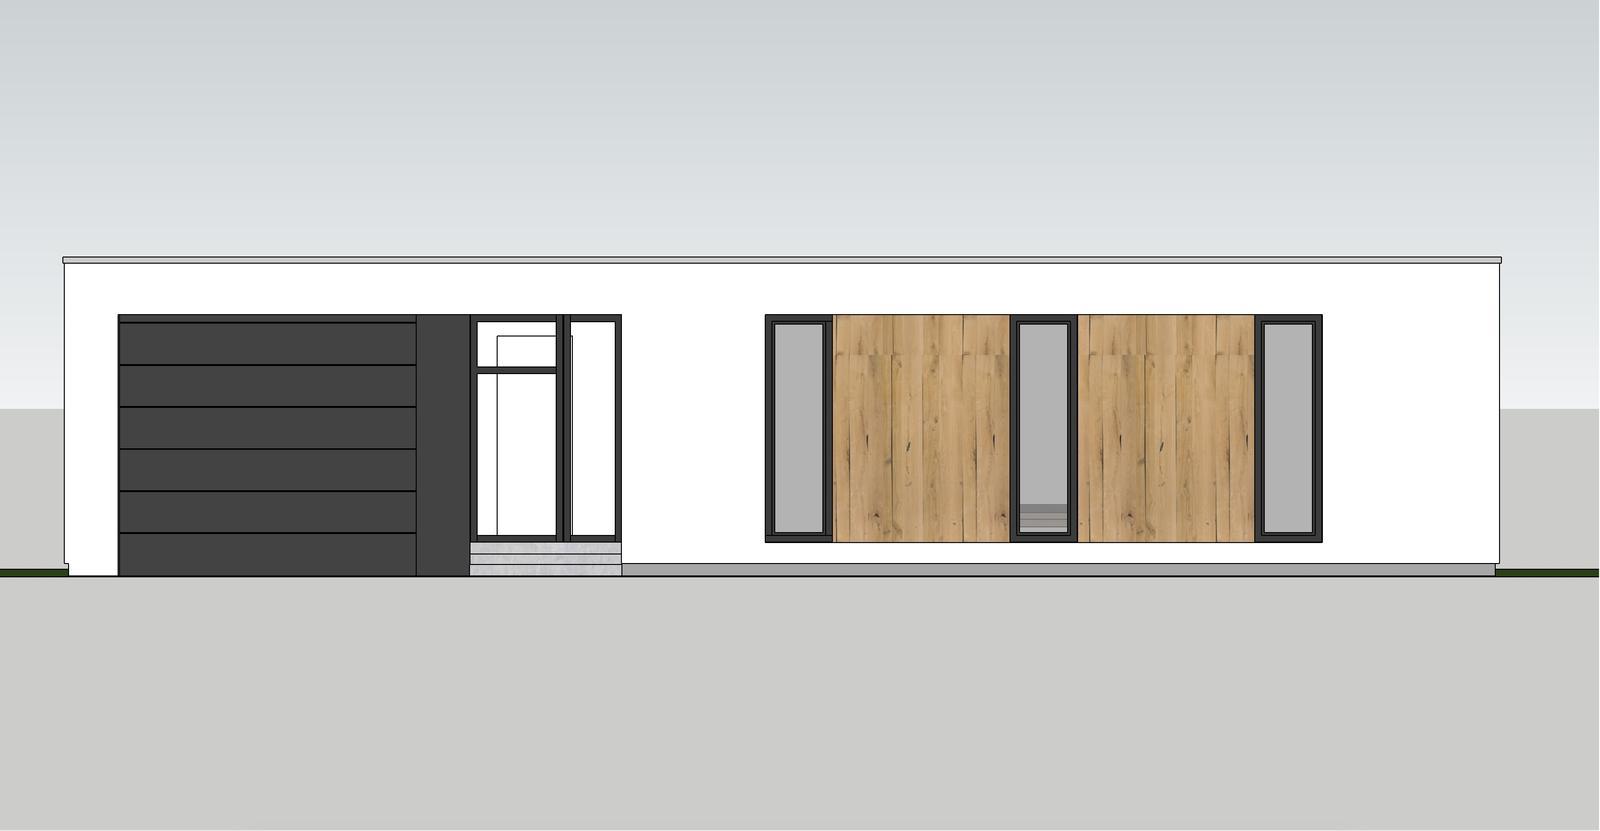 Dom vizualizacia - Obrázok č. 11